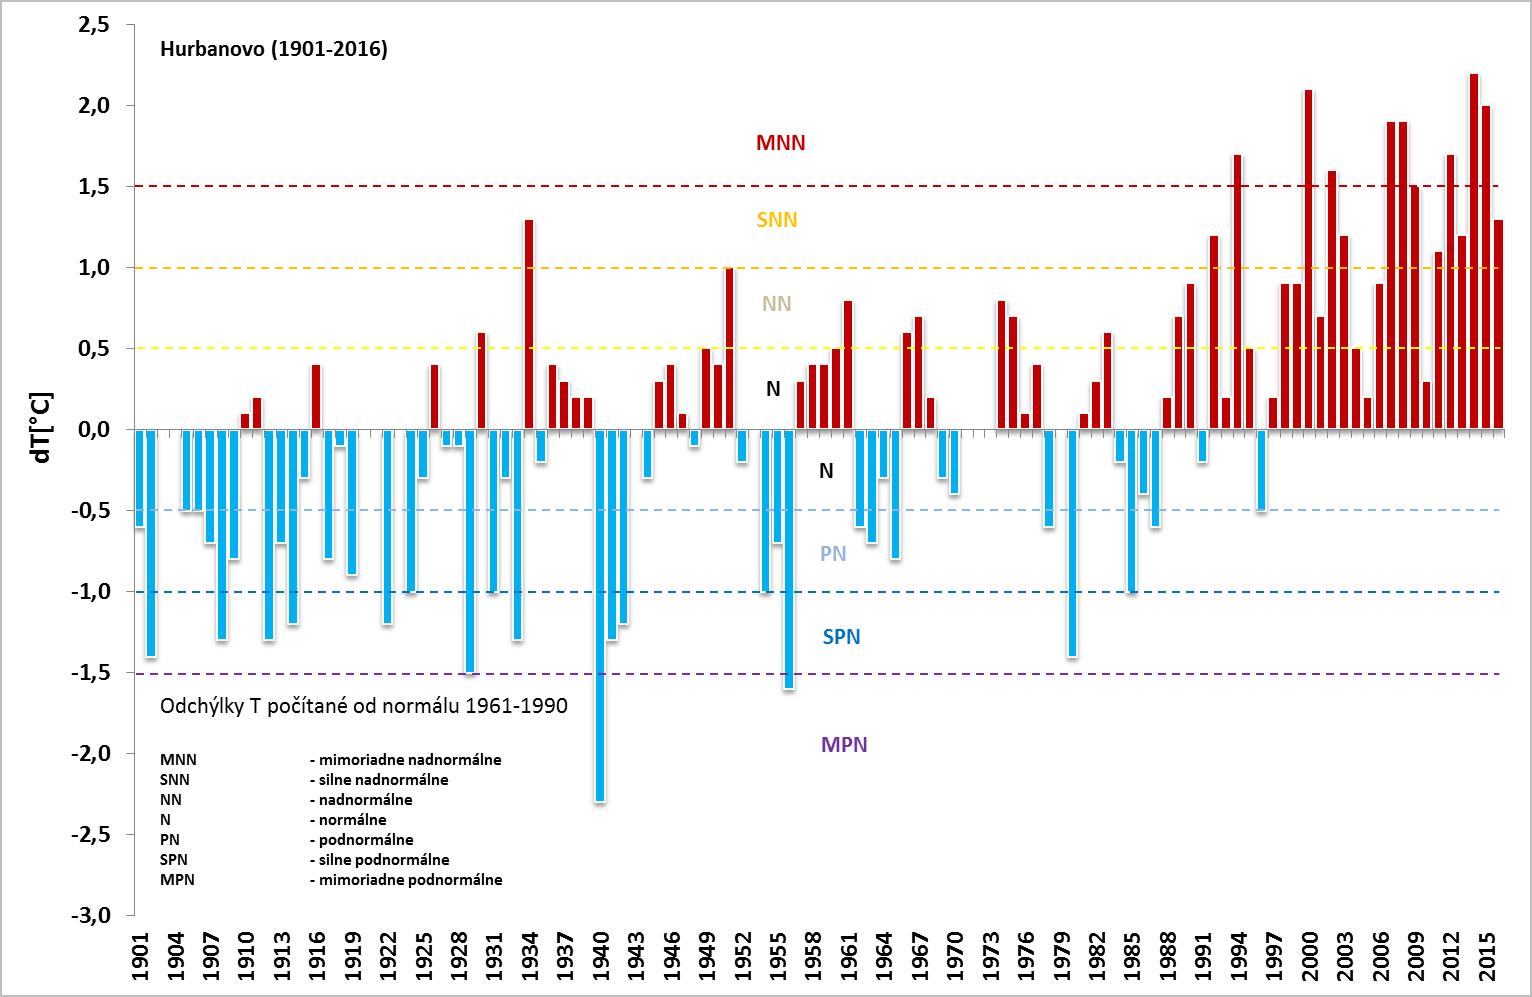 Obr. 2  Priestorové rozloženie odchýlky priemernej ročnej teploty vzduchu  na Slovensku za rok 2016 od normálu 1961-1990 05bd9f5f672